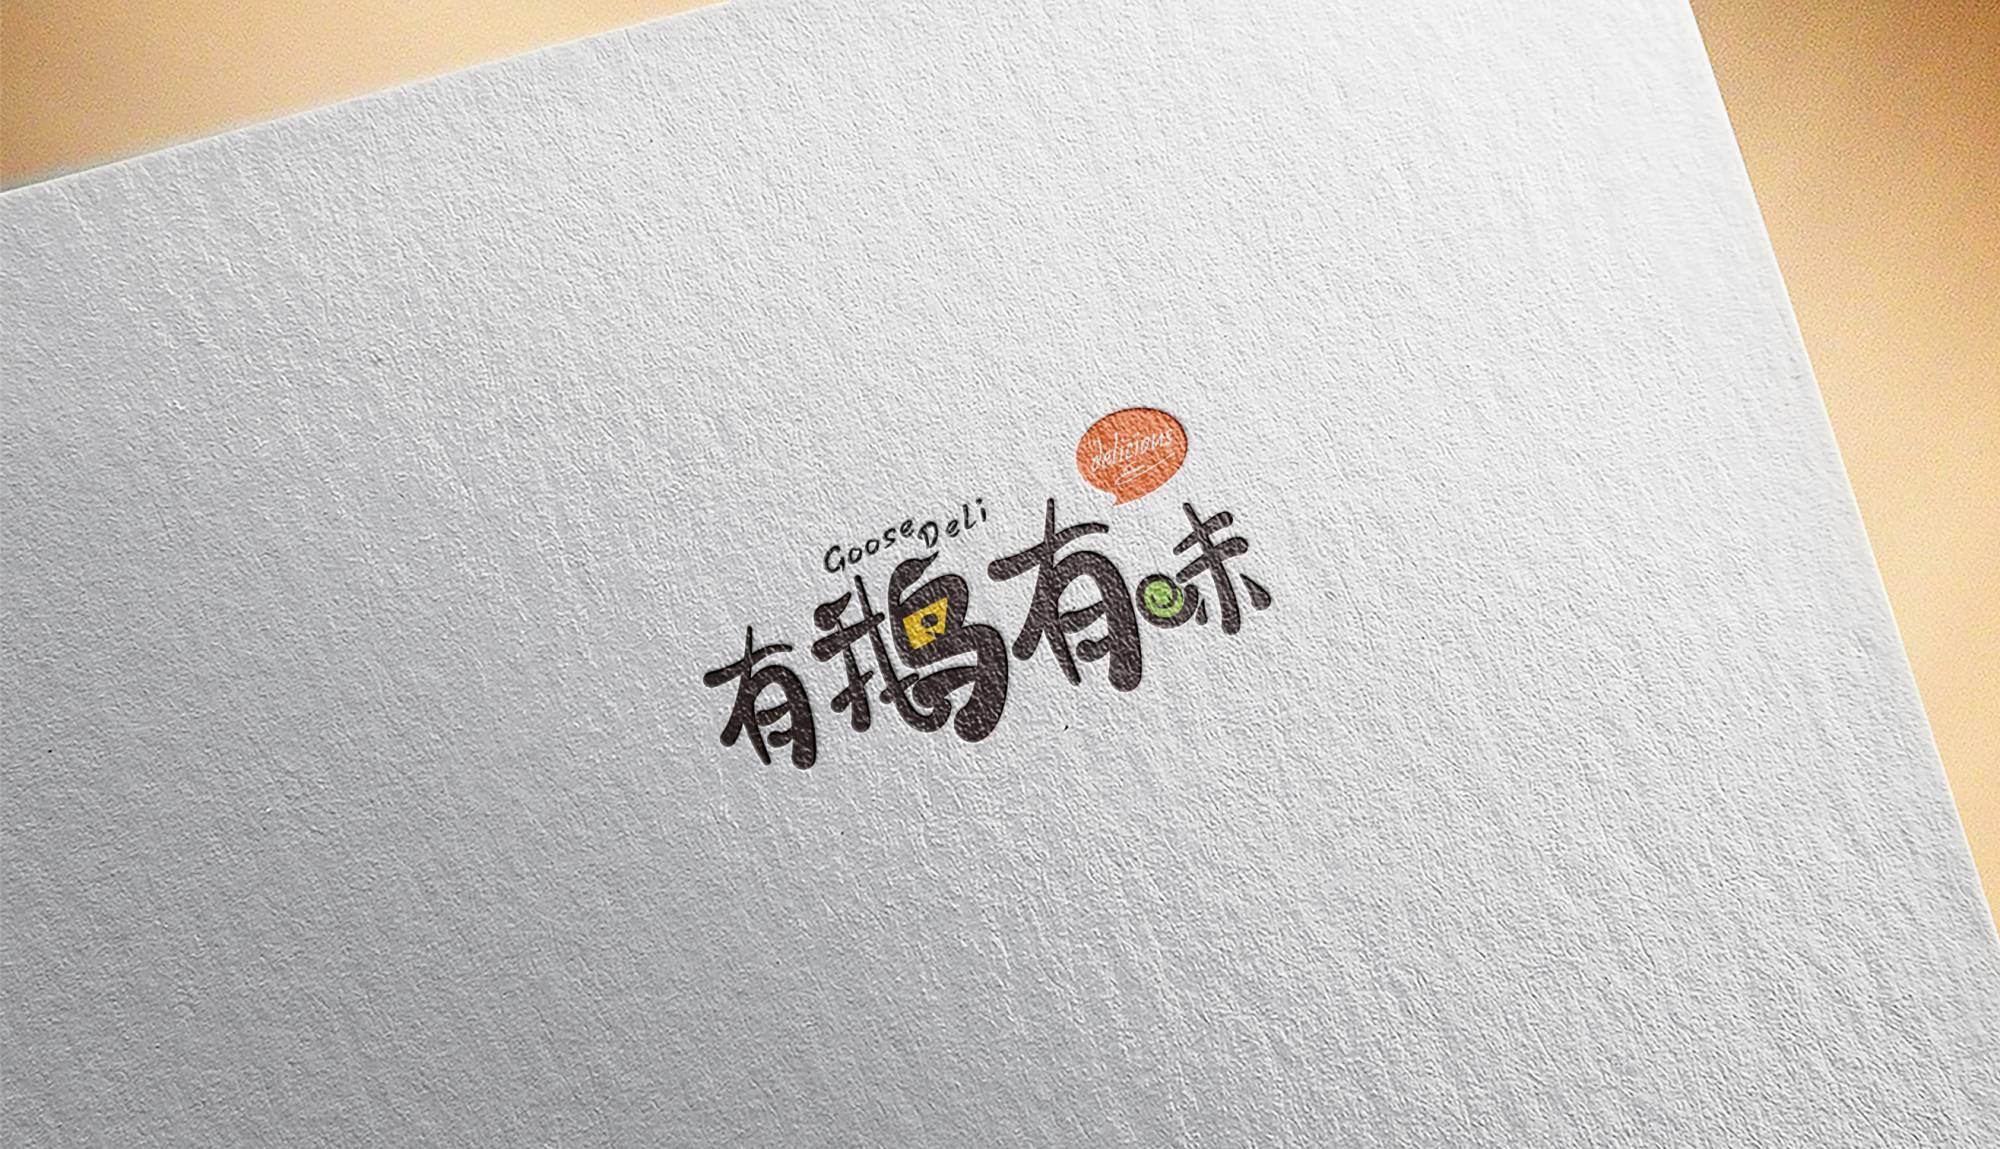 潮州有鵝有味食品公司2